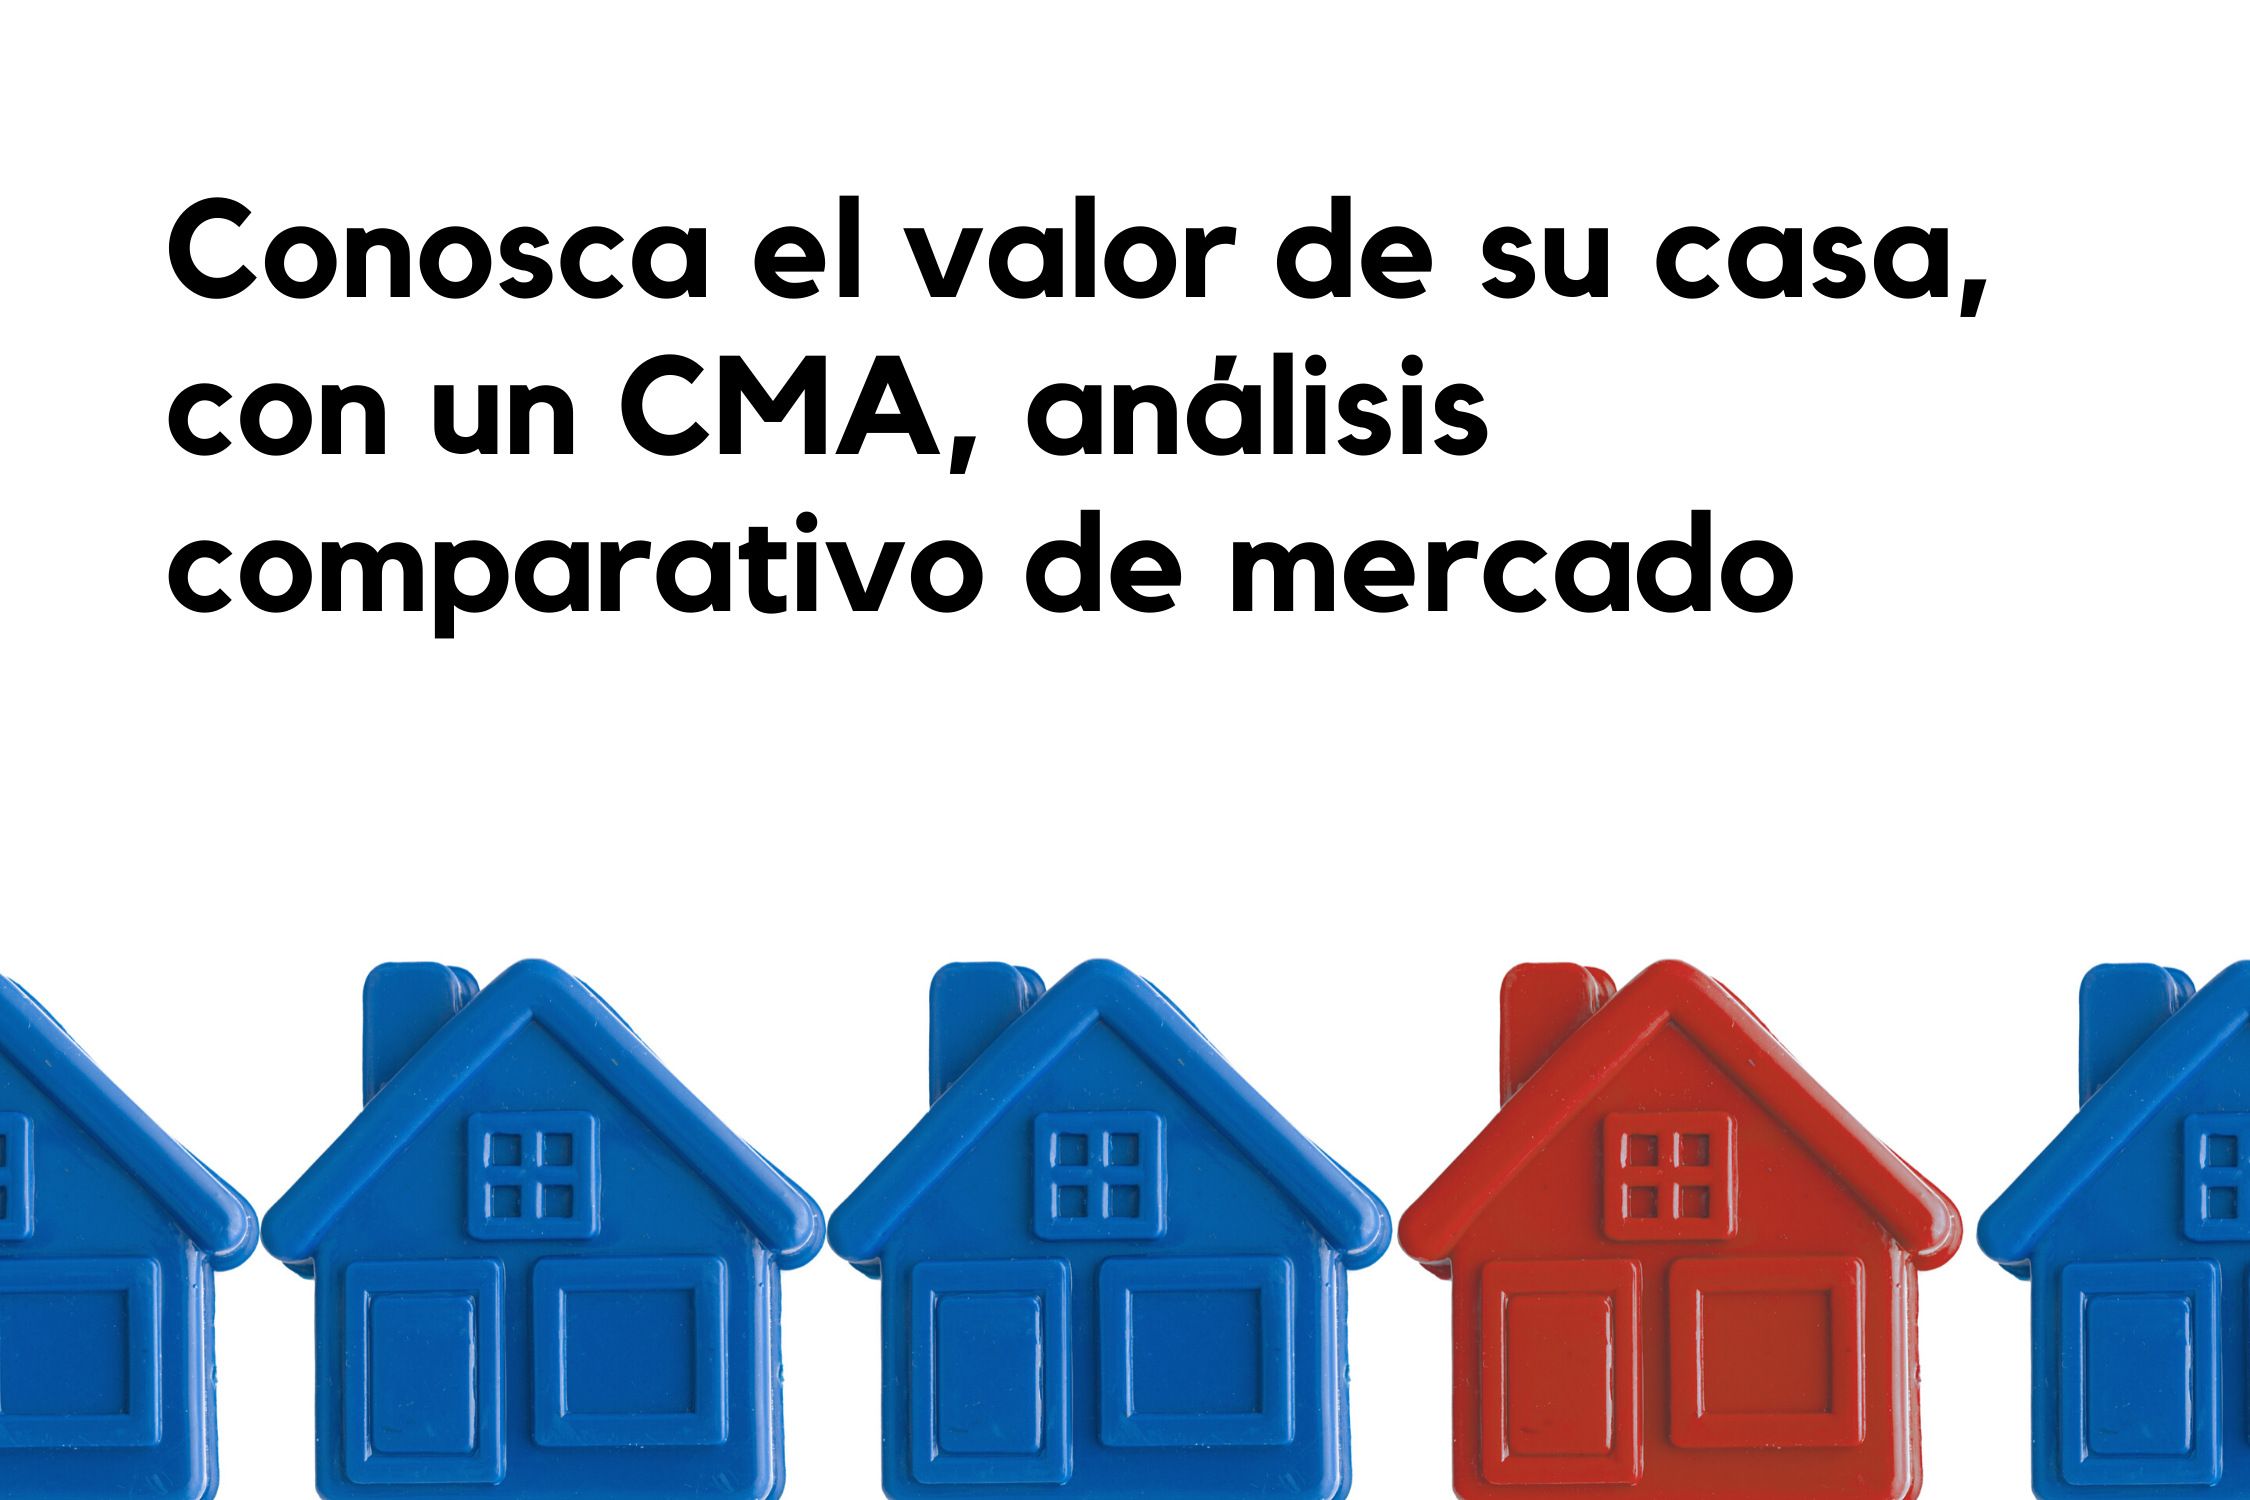 Conosca-el-Valor-de-su-Casa-con-un-CMA-análisis-comparativo-de-mercado